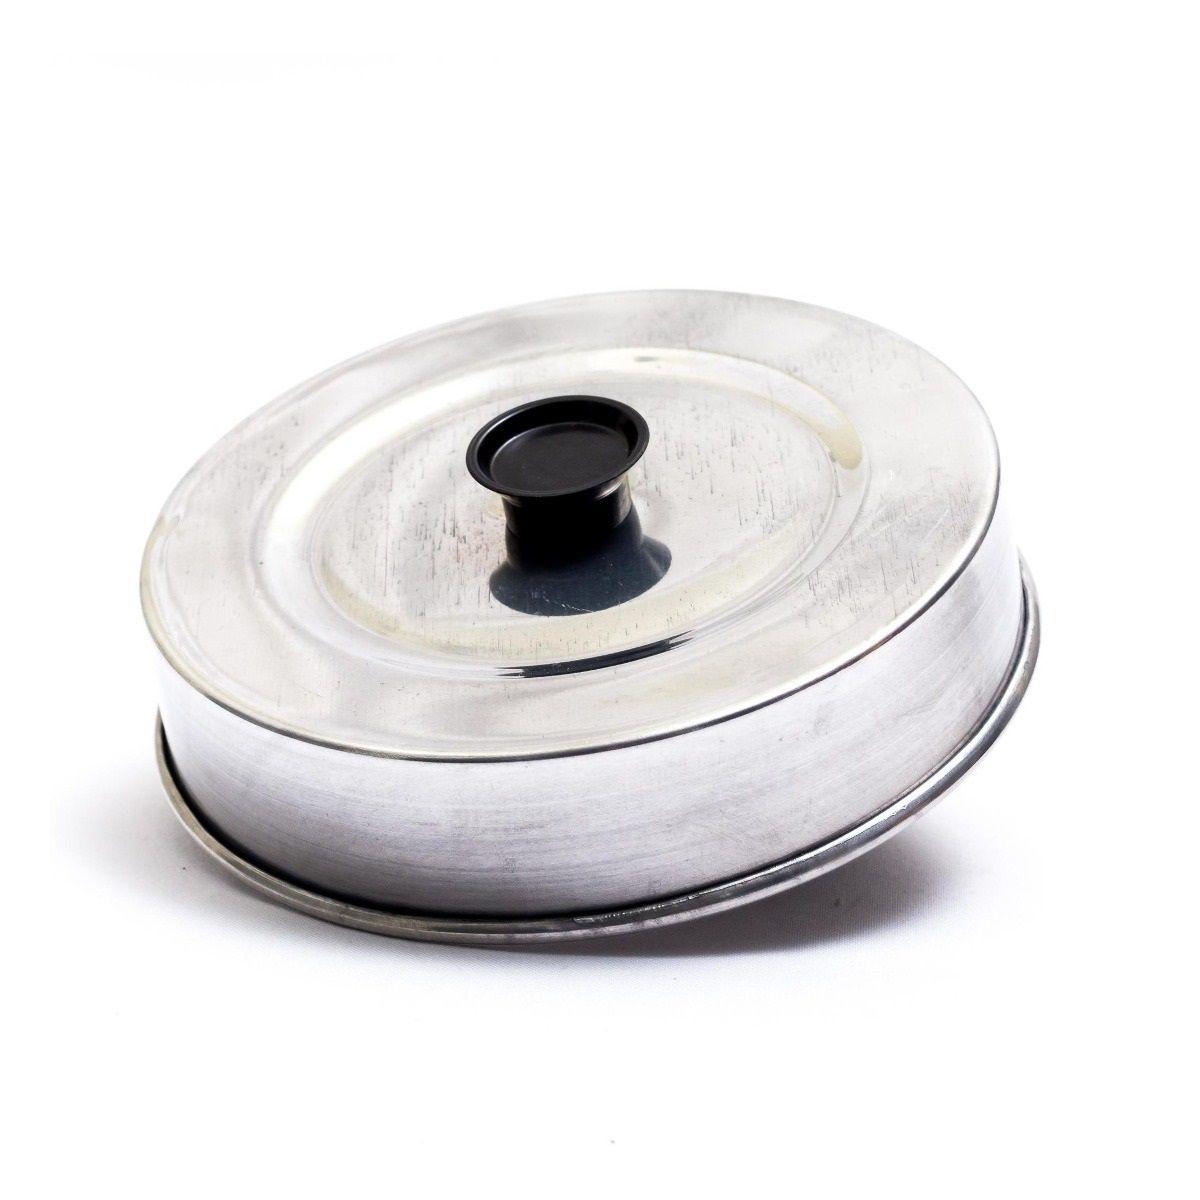 Abafador de hambúrguer em Alumínio 17 cm